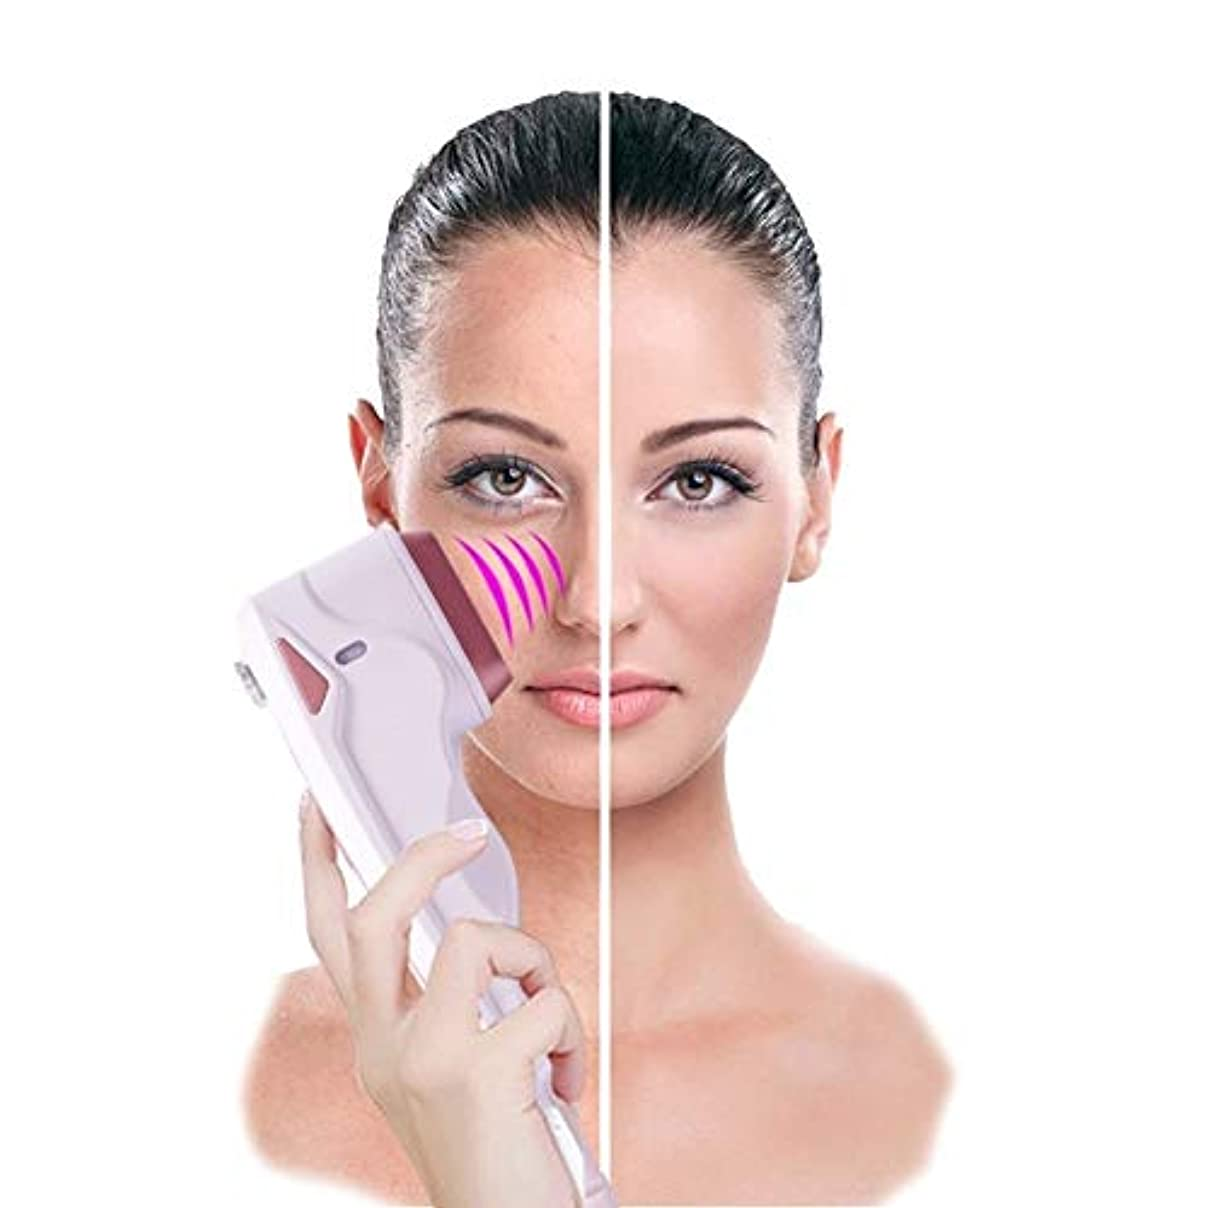 期限病気だと思うコンテンポラリー美顔術の持ち上がる機械振動無線周波数のしわは反老化のためのスキンケアの美装置を取り除きます、皮膚のきつく締まるガルバニック微電流の改装機械